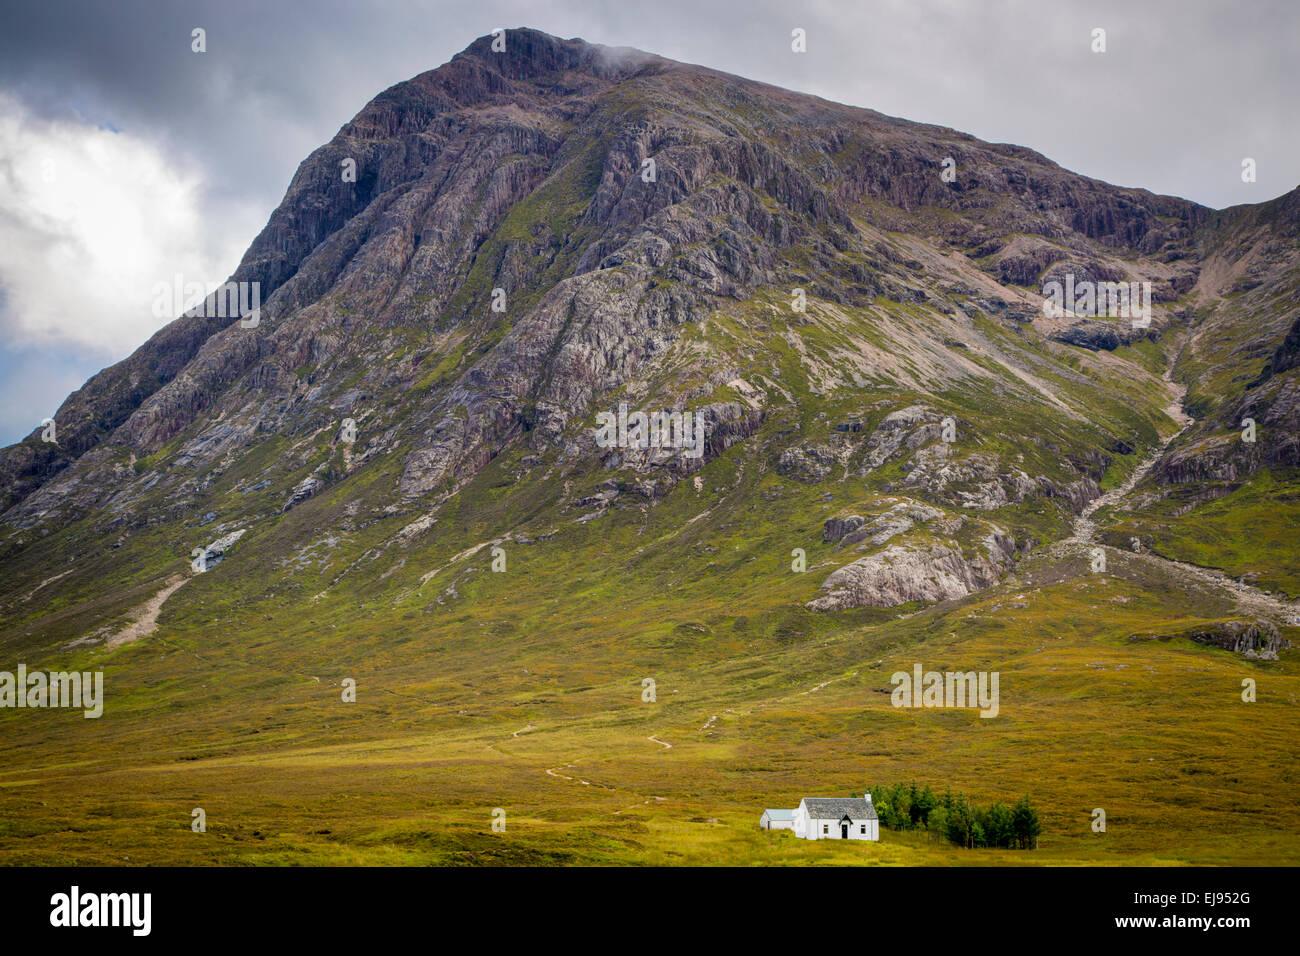 Solitaria casa di piccole dimensioni nelle Highlands scozzesi vicino a Glencoe, Scotland, Regno Unito Immagini Stock